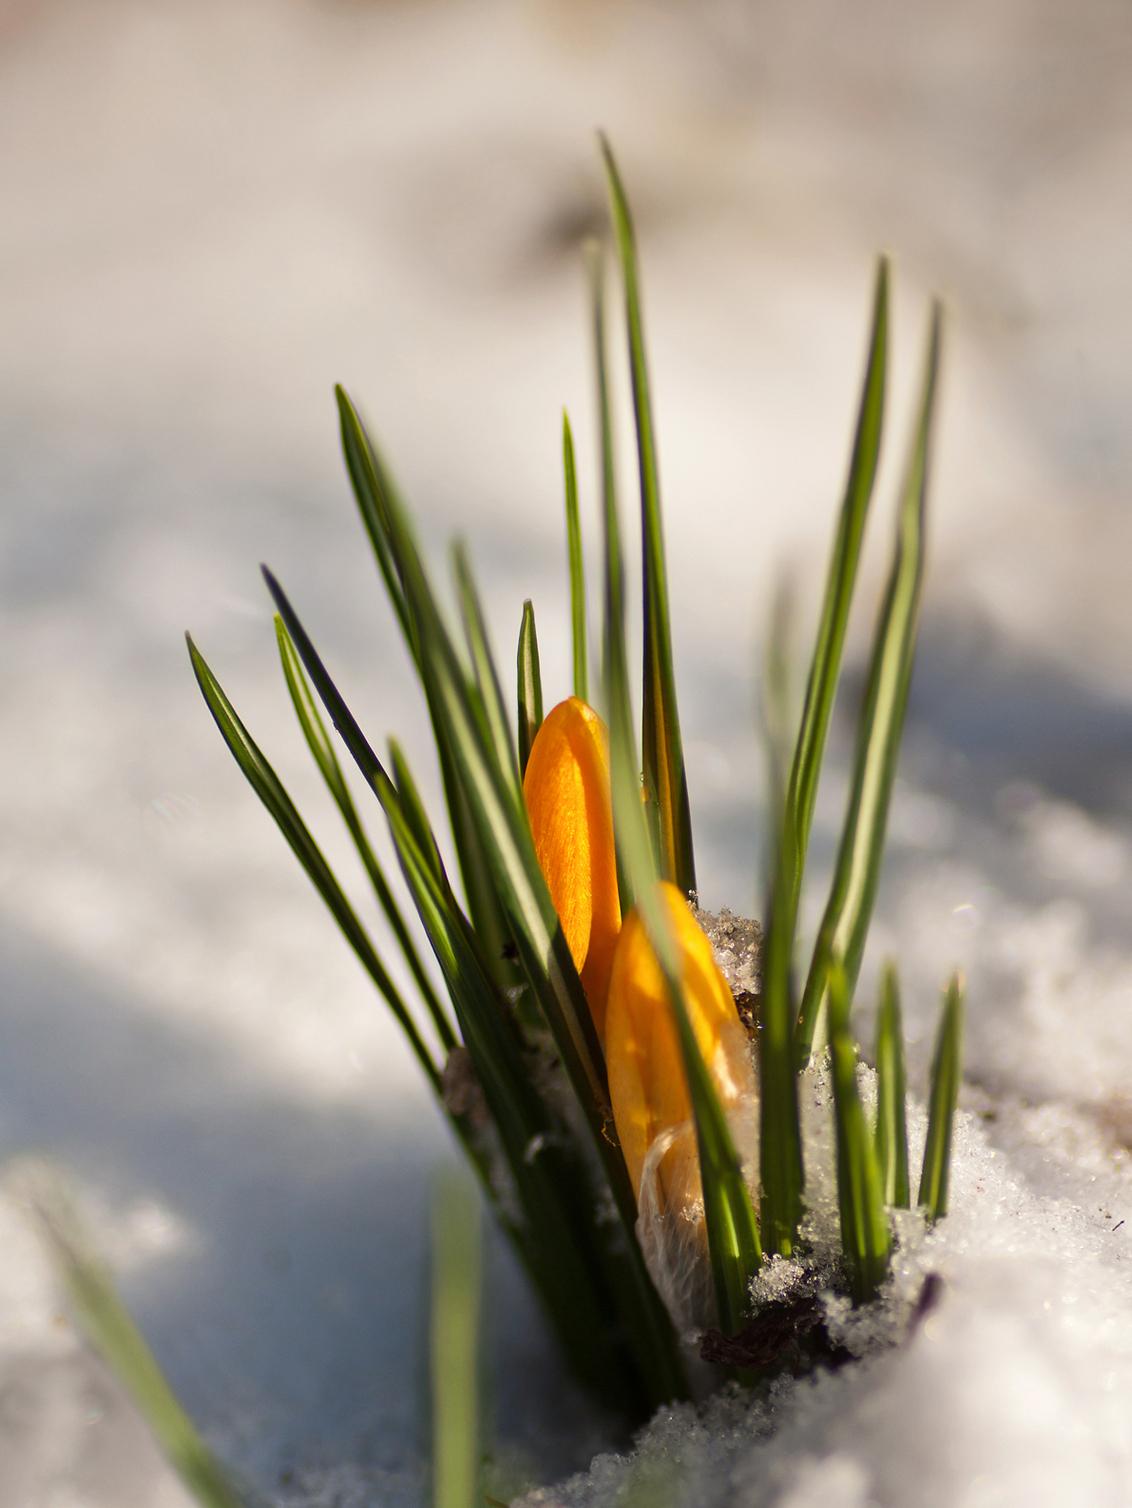 Krokusjes - Sneeuw? Hoezo sneeuw? Wij zijn krokussen en wij trekken ons van sneeuw niks aan !!! Er wordt van ons verwacht dat wij gaan bloeien en dat zijn wij o - foto door kosmopol op 10-02-2012 - deze foto bevat: bloem, sneeuw, krokus, bloei, kosmopol